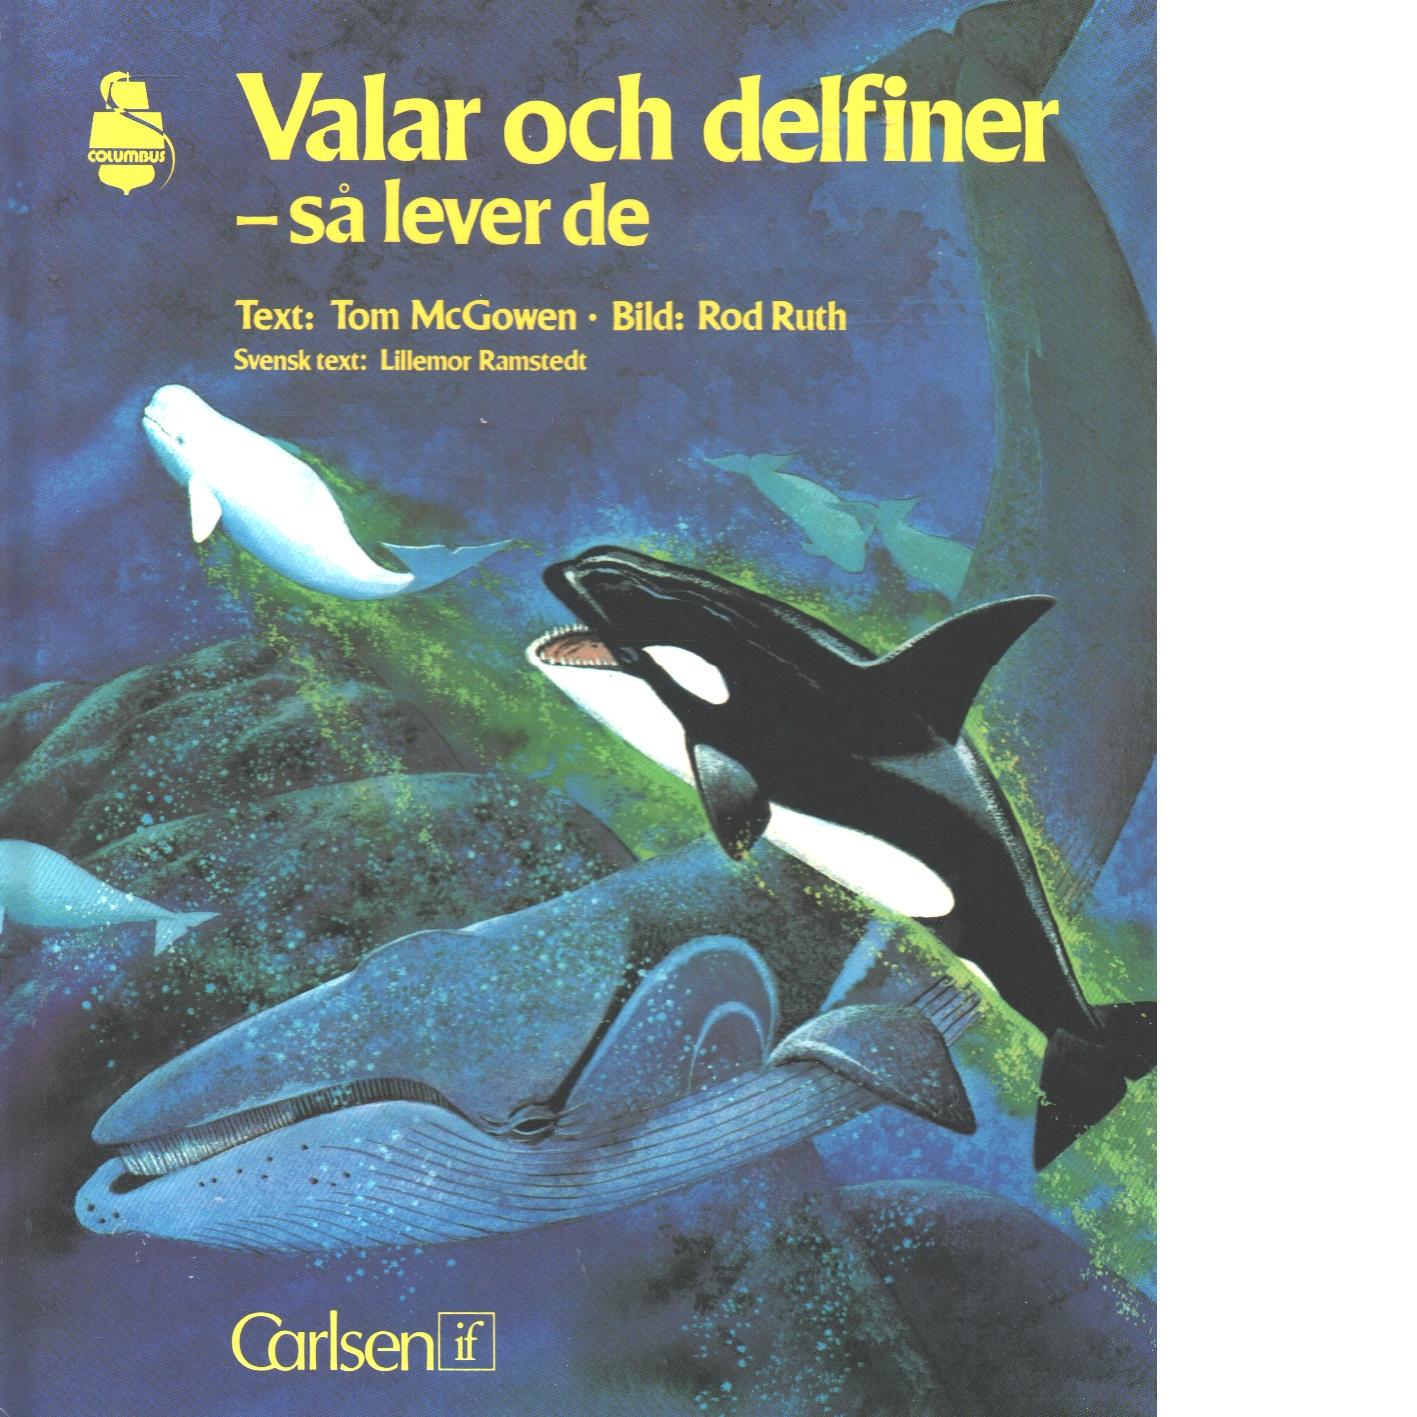 Valar och delfiner - så lever de - McGowen, Tom och Ruth, Rod